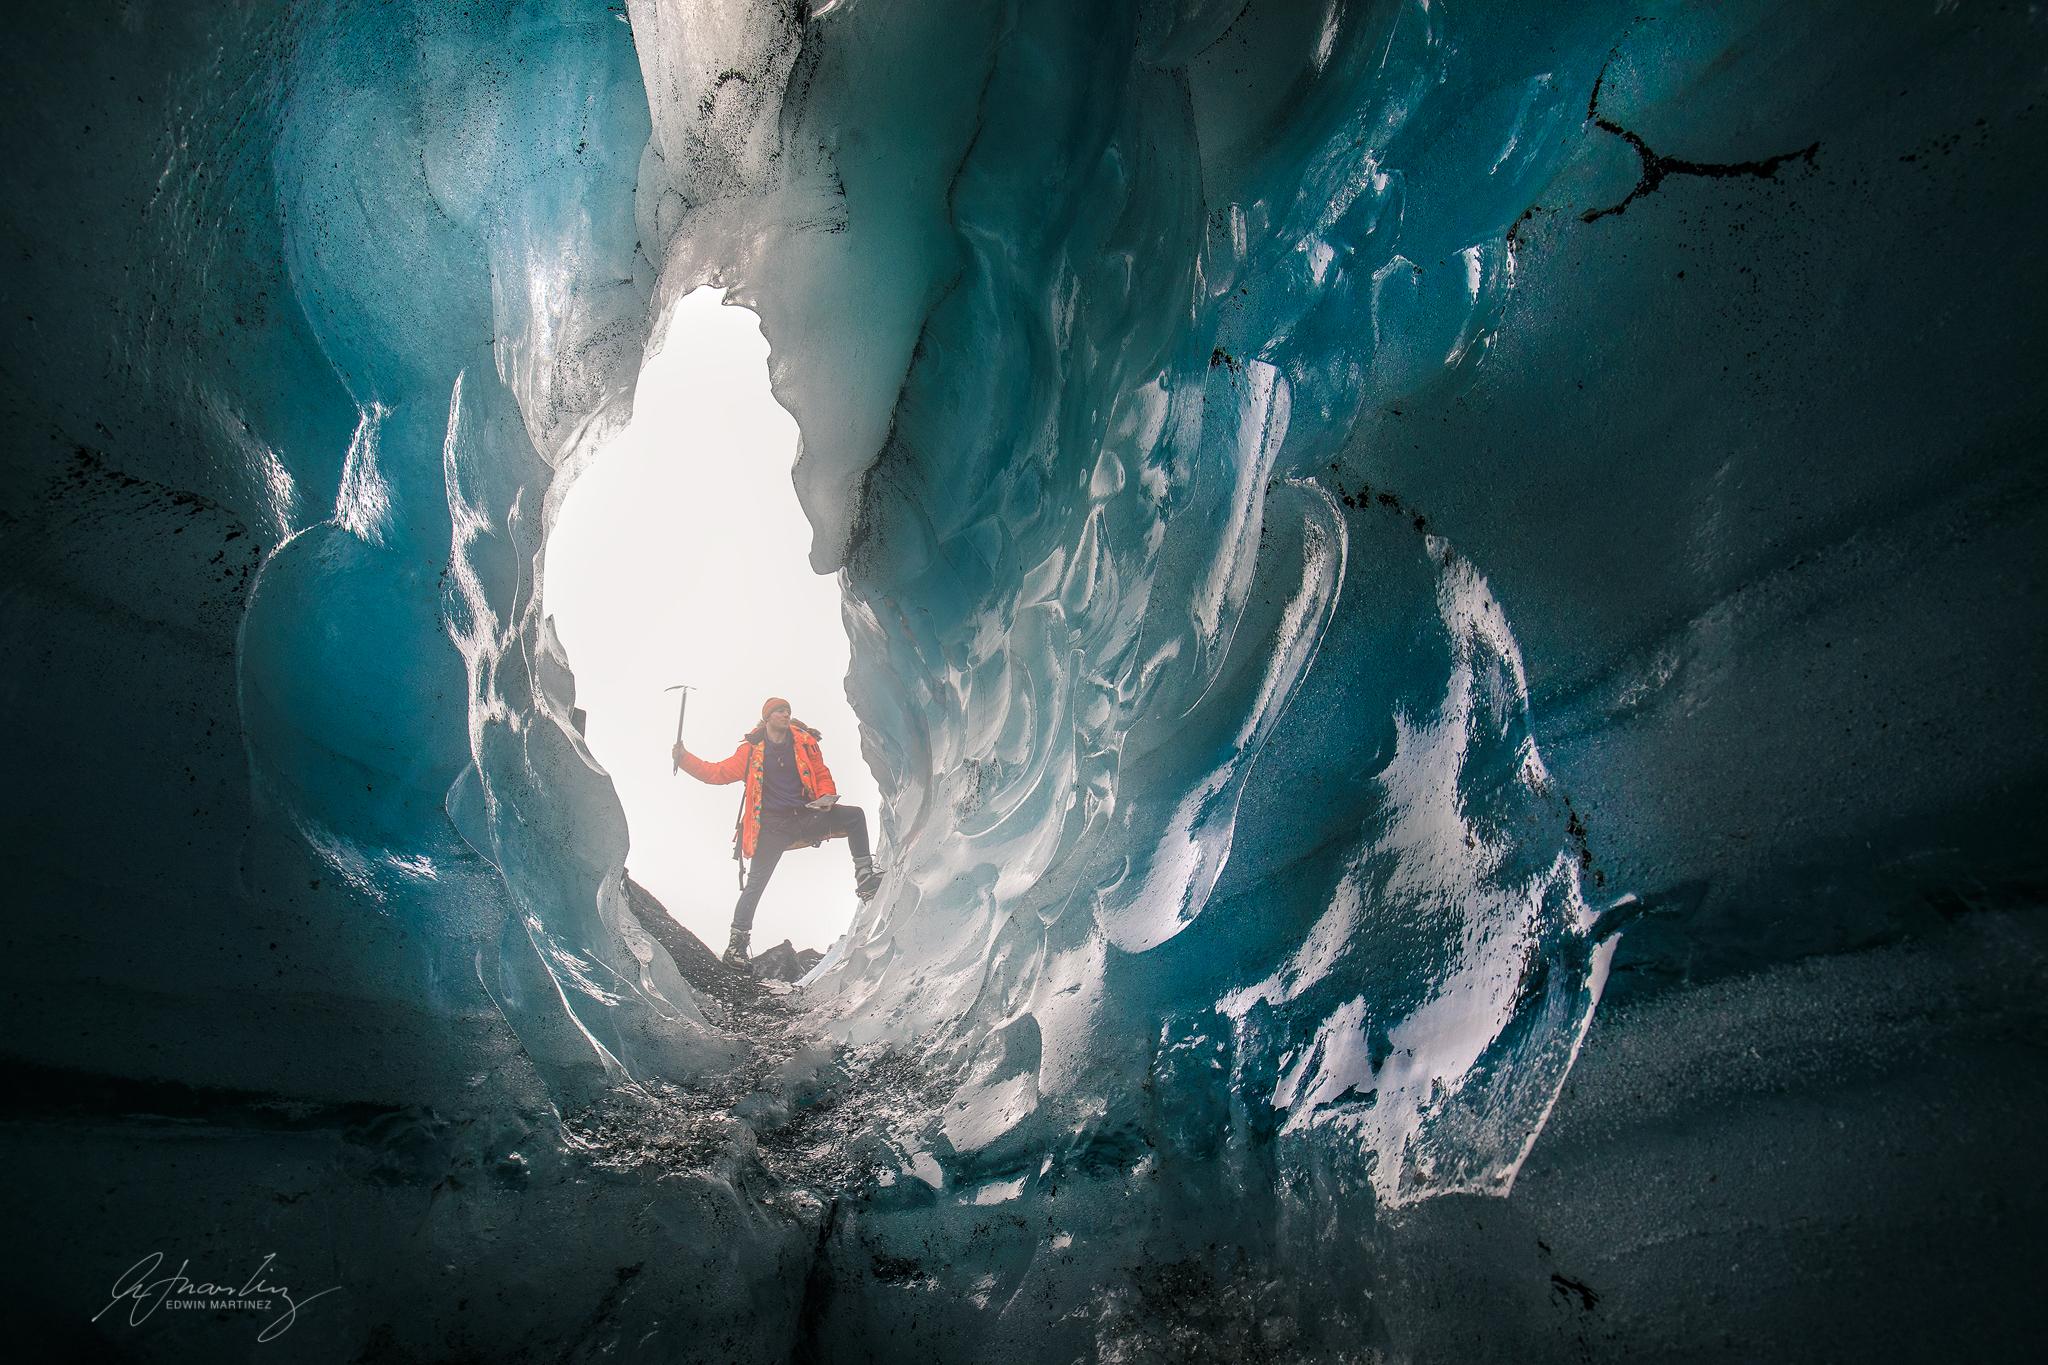 วิวจากด้านในถ้ำน้ำแข็ง